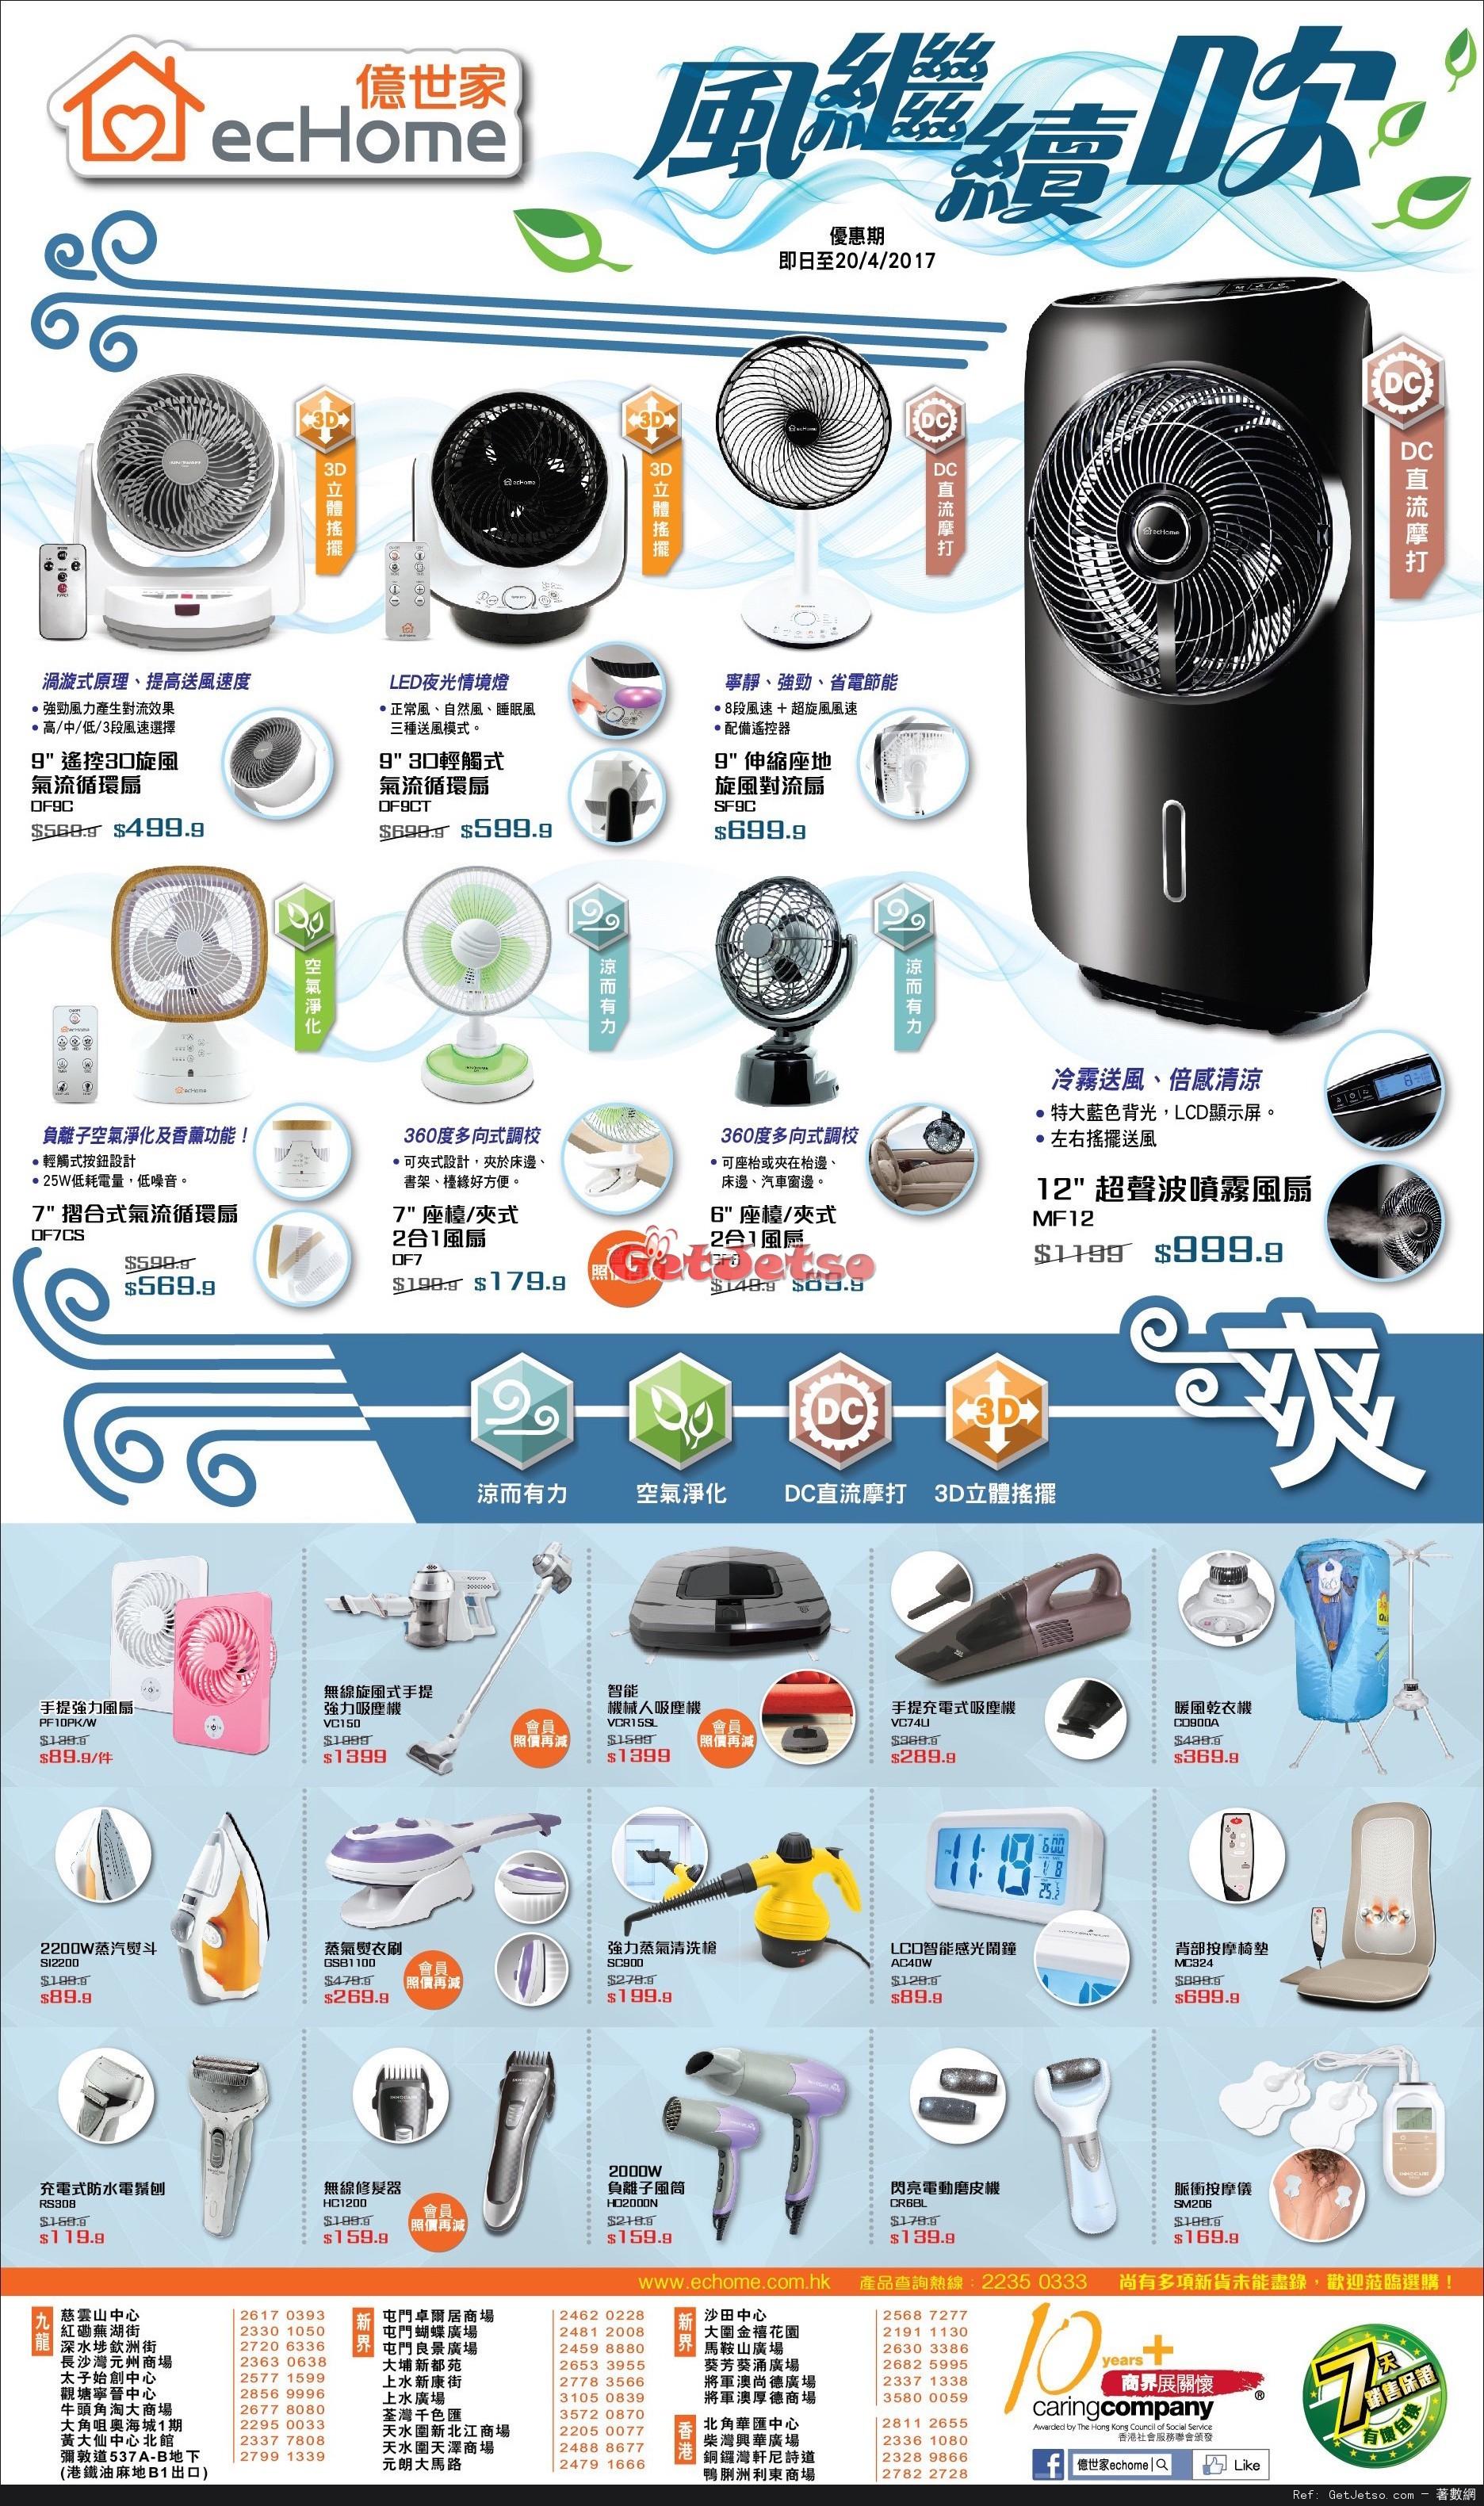 億世家最新購物優惠(至17年4月20日)圖片1